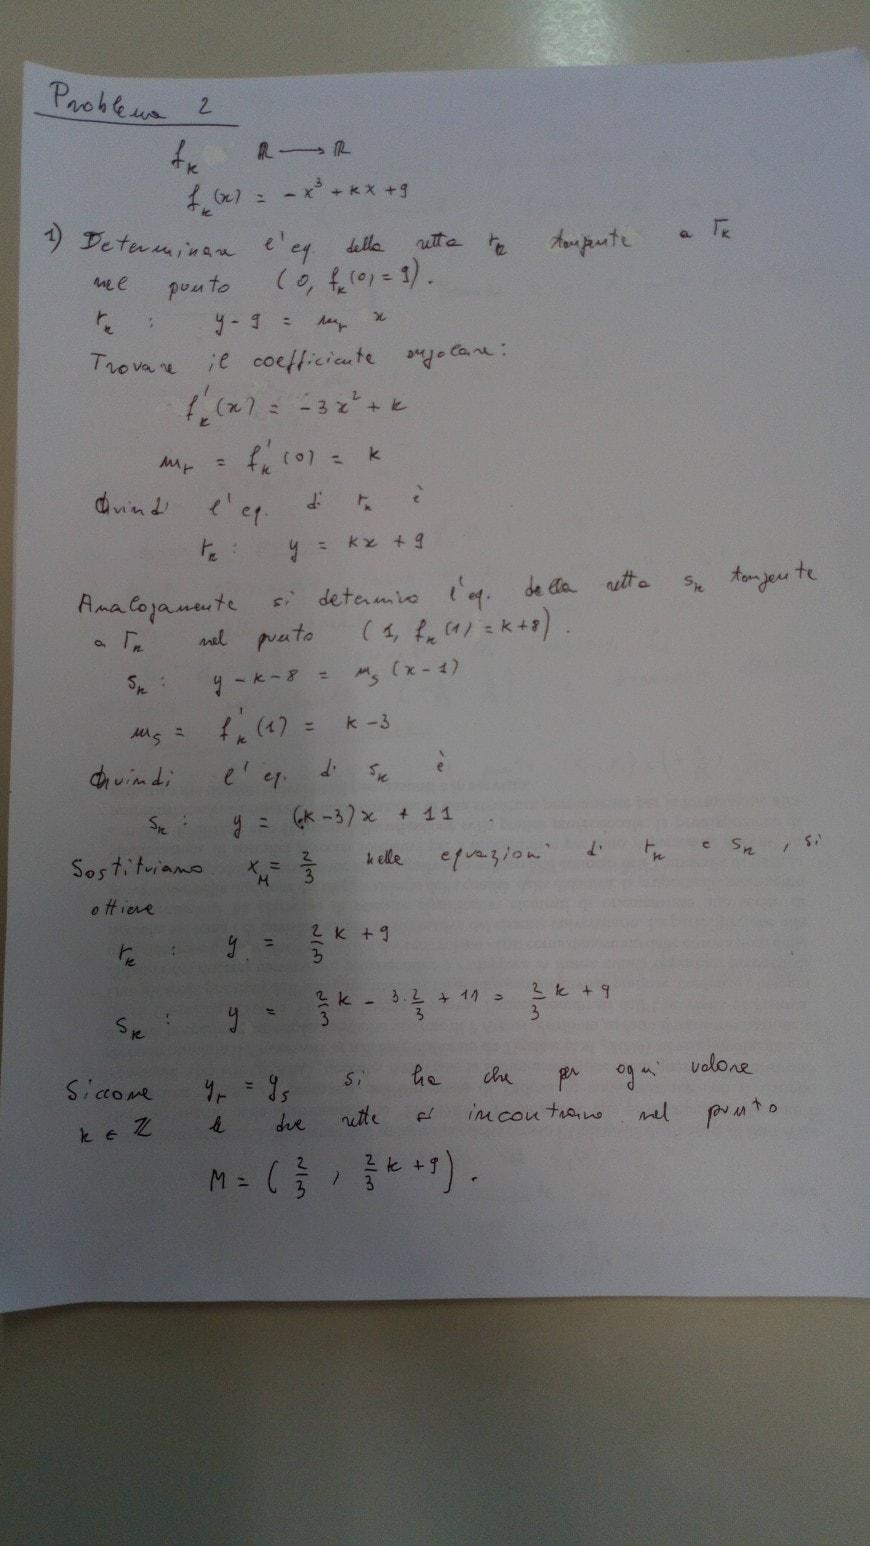 Soluzione problema 2-1 - seconda prova scientifico maturità 2018